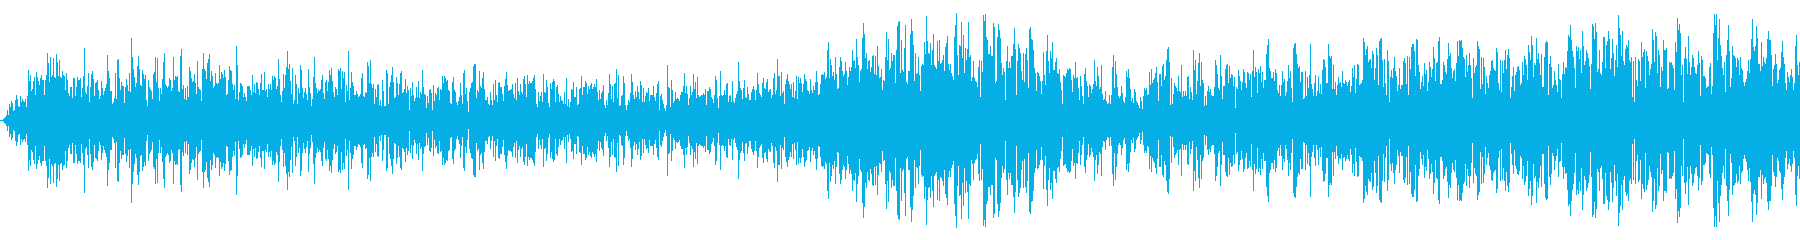 気味の悪いデータ摩擦の再生済みの波形